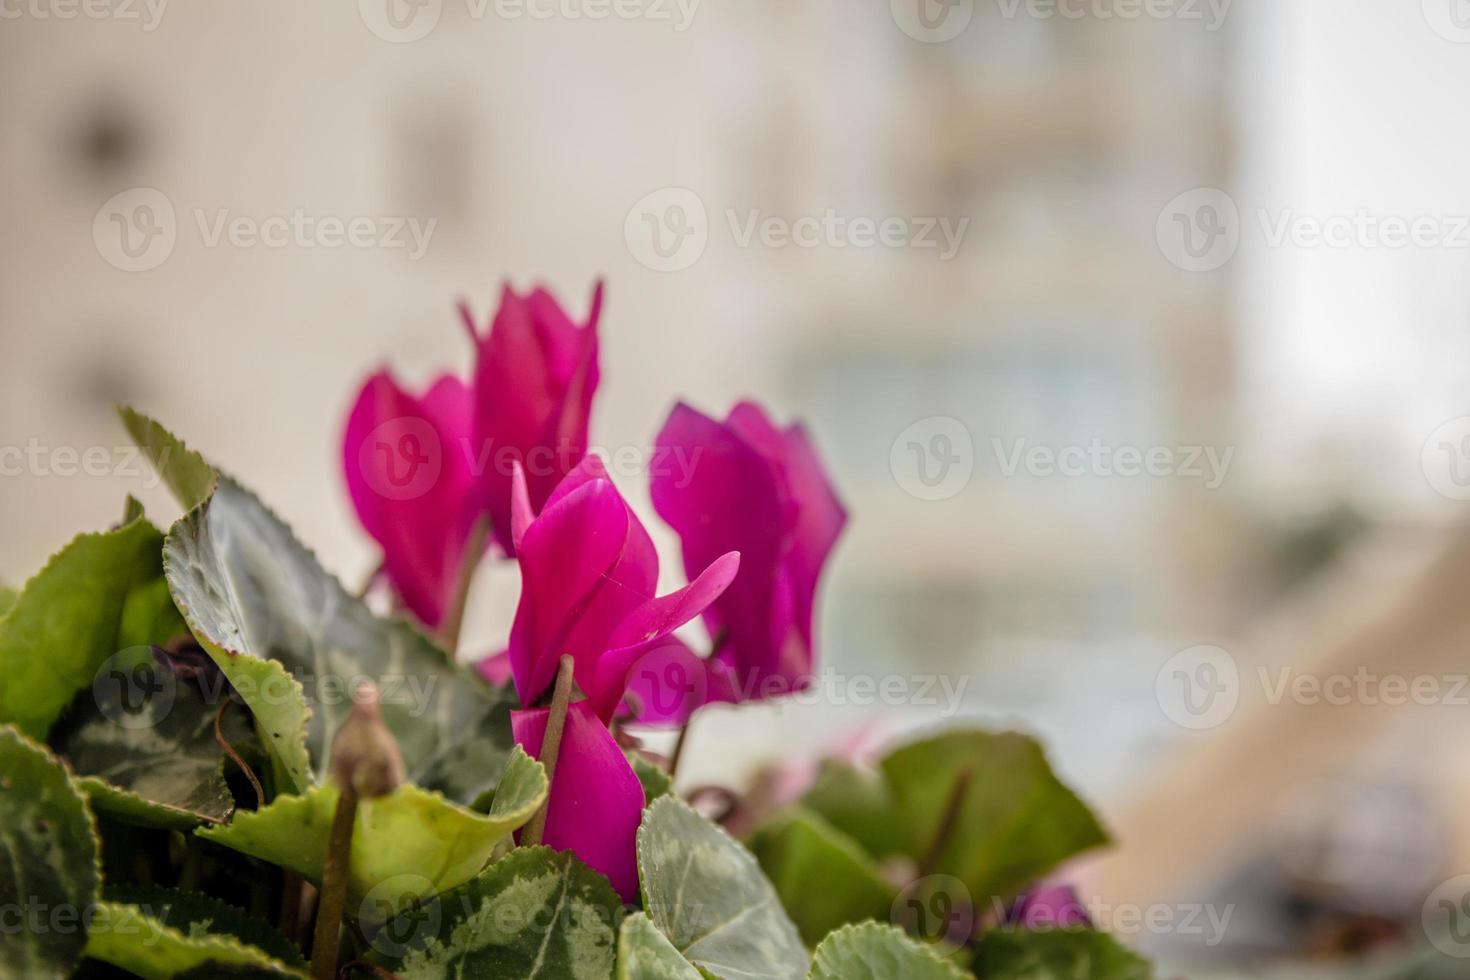 fiori rosa ciclamino foto